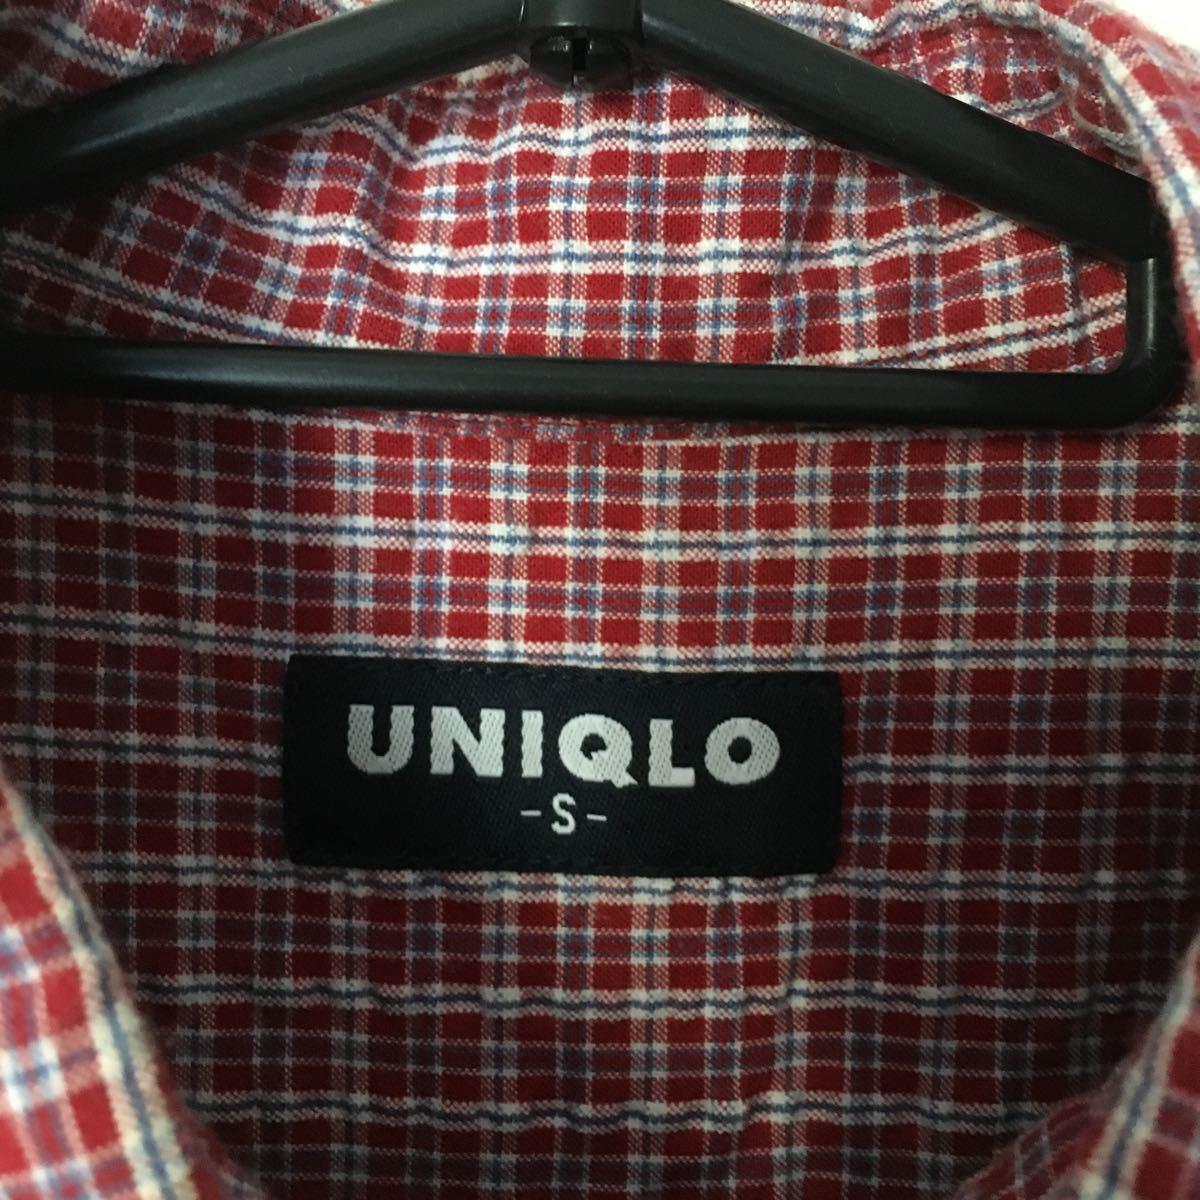 長袖シャツ チェック柄 ボタンダウンシャツ ユニクロ S